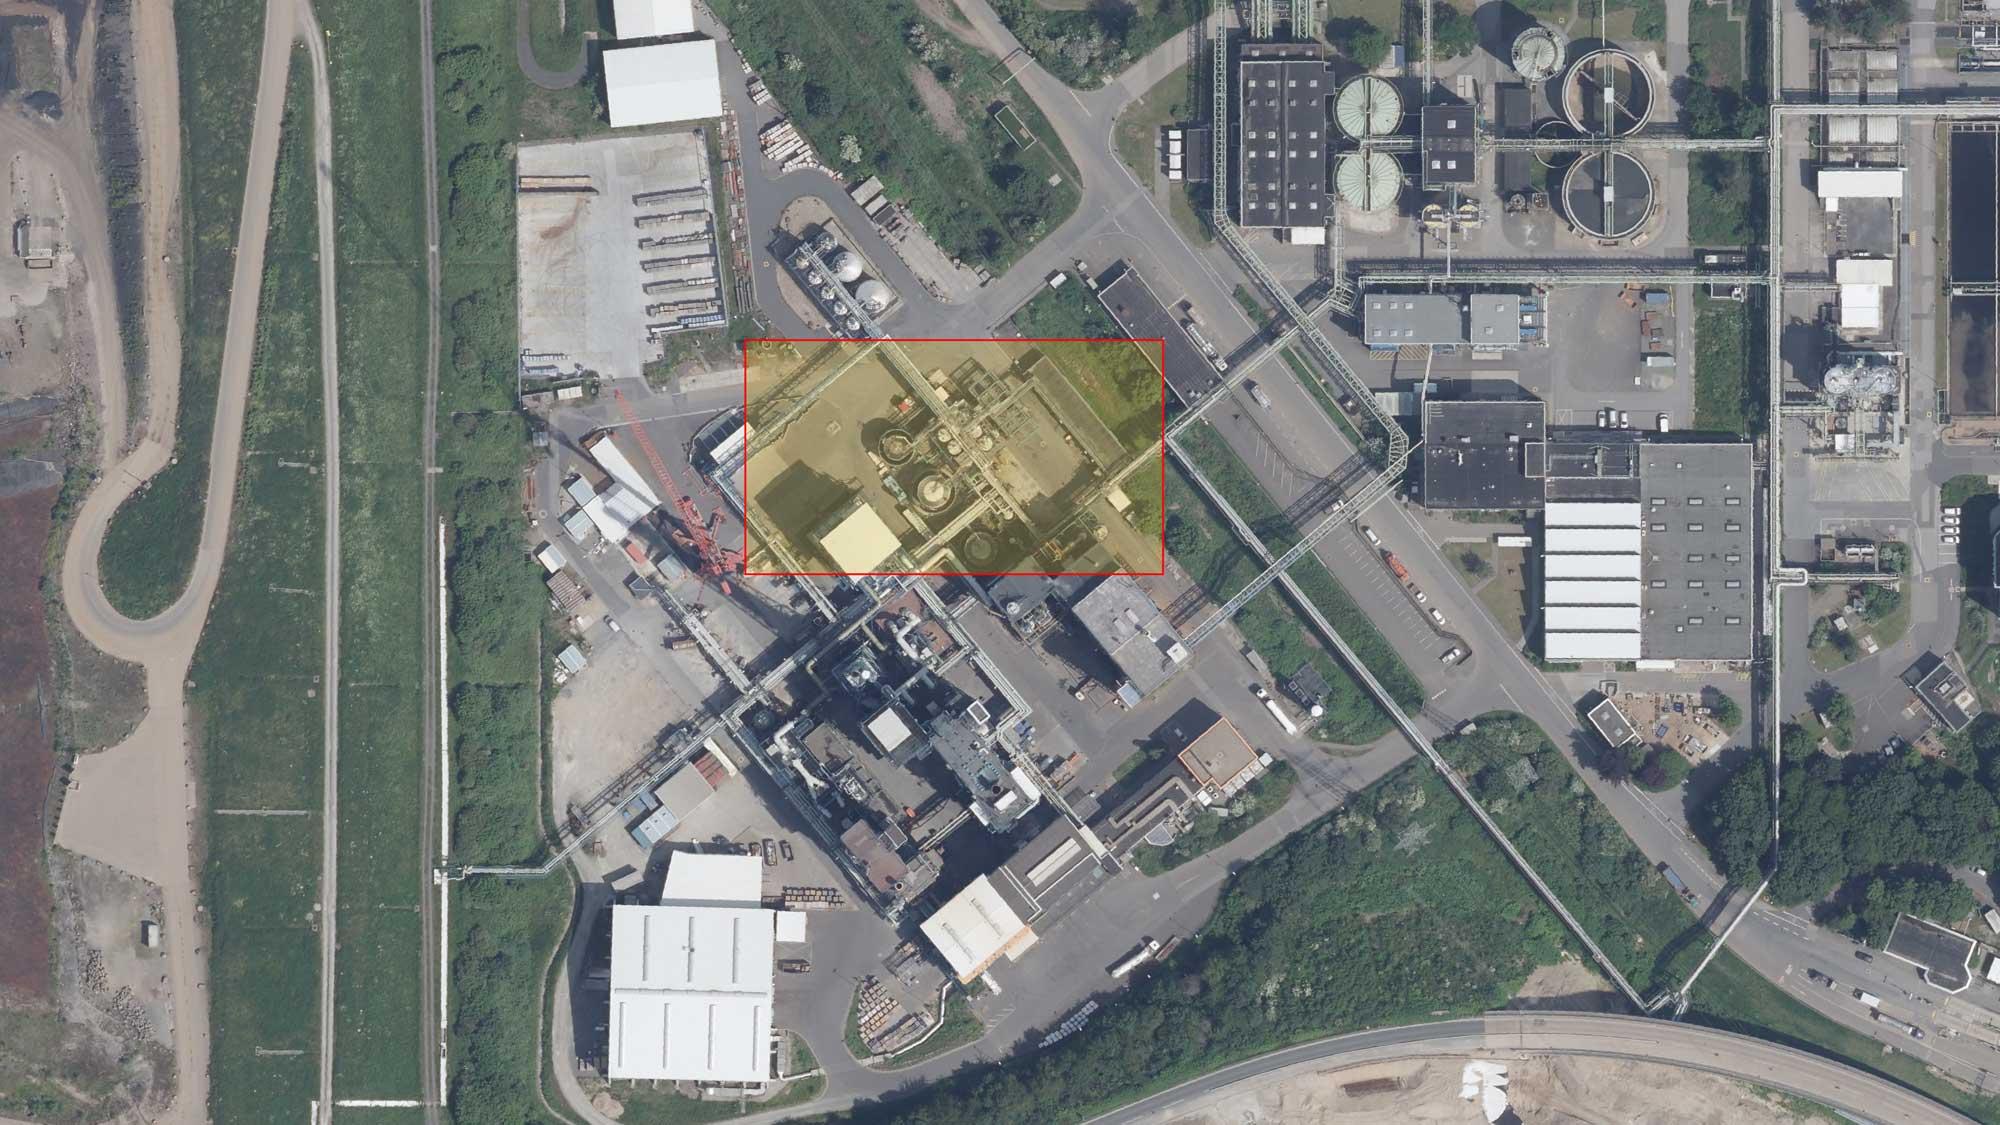 Gelände der Sonderabfallverbrennungsanlage mit Tanklager (siehe Markierung)